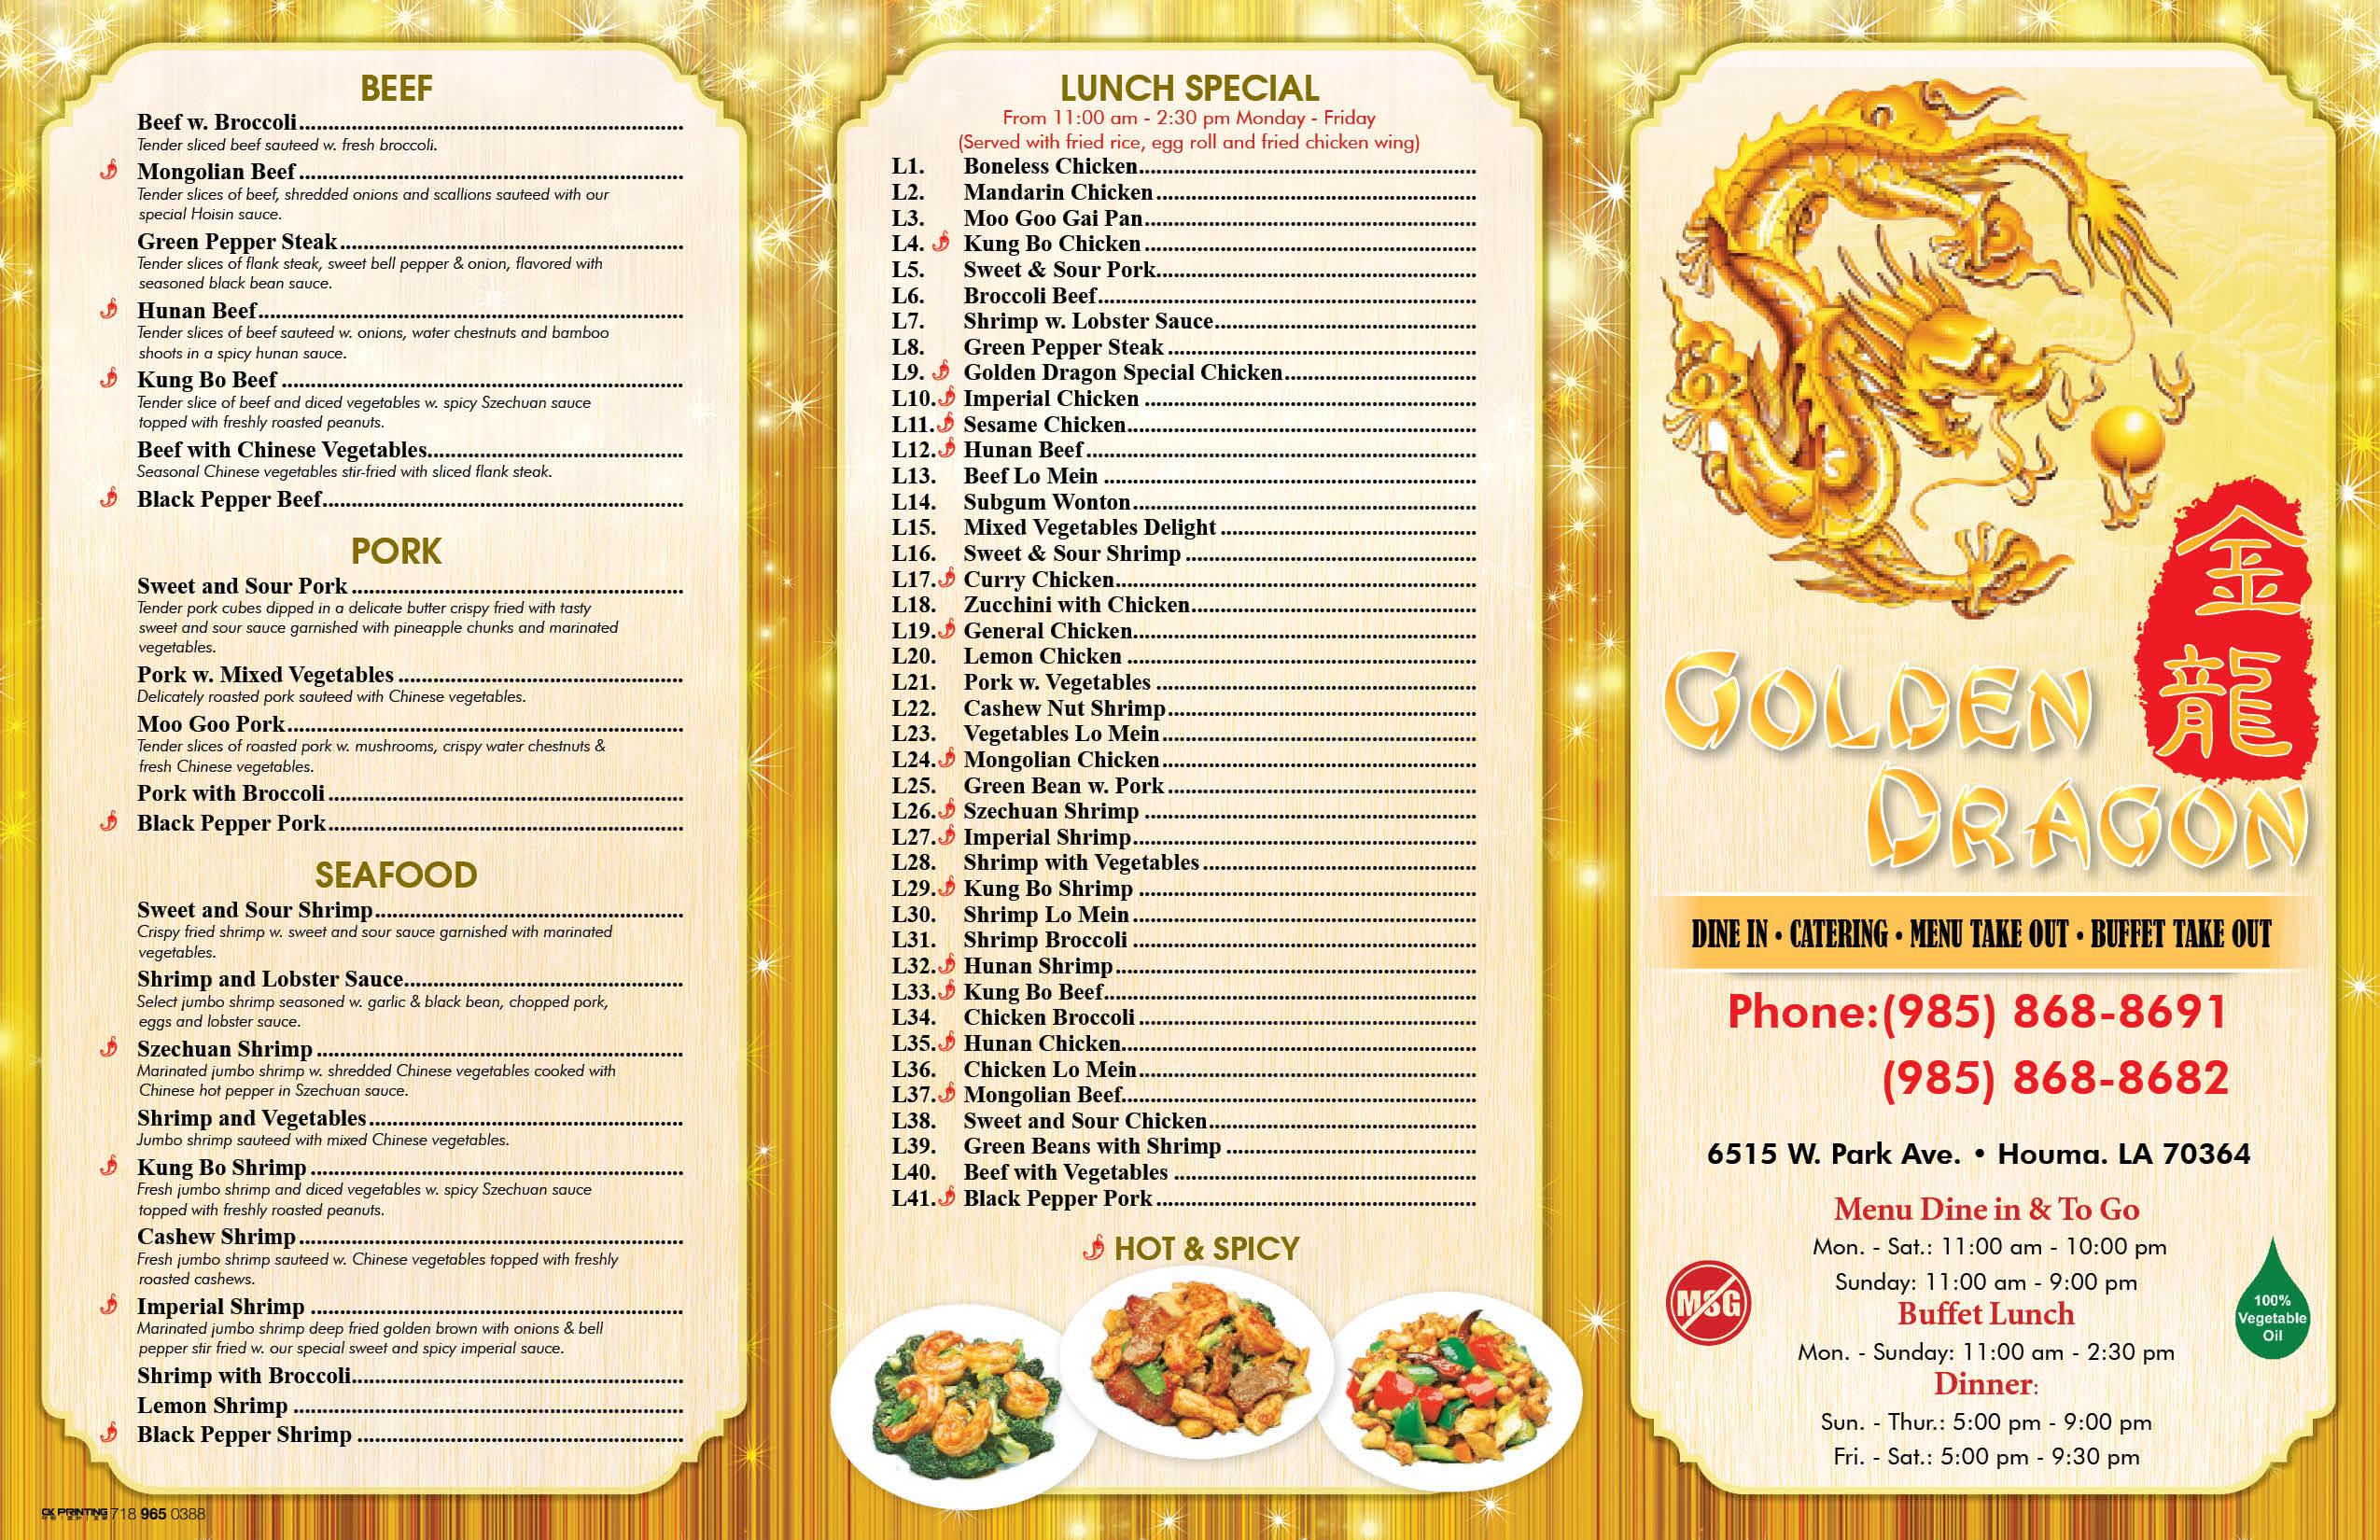 Golden Dragon Restaurant Menu Norfolk Va